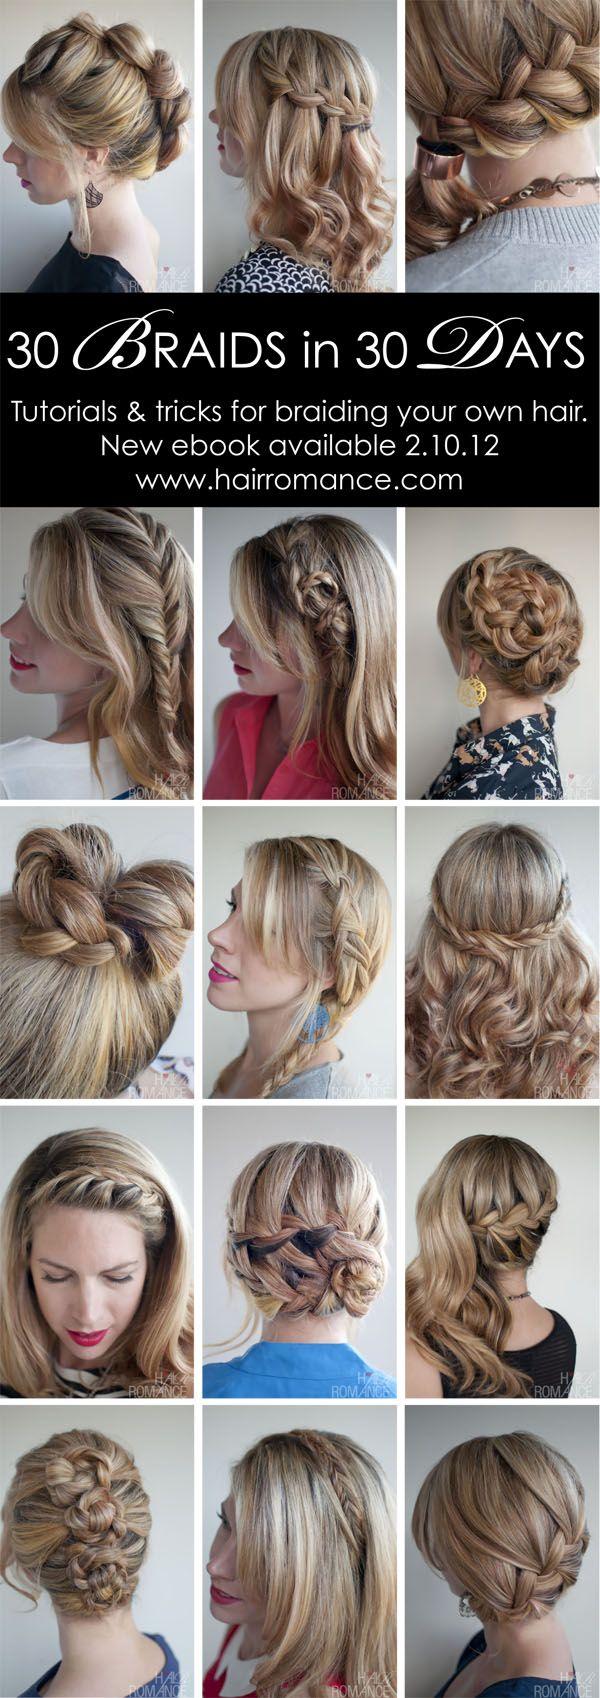 30 braids.